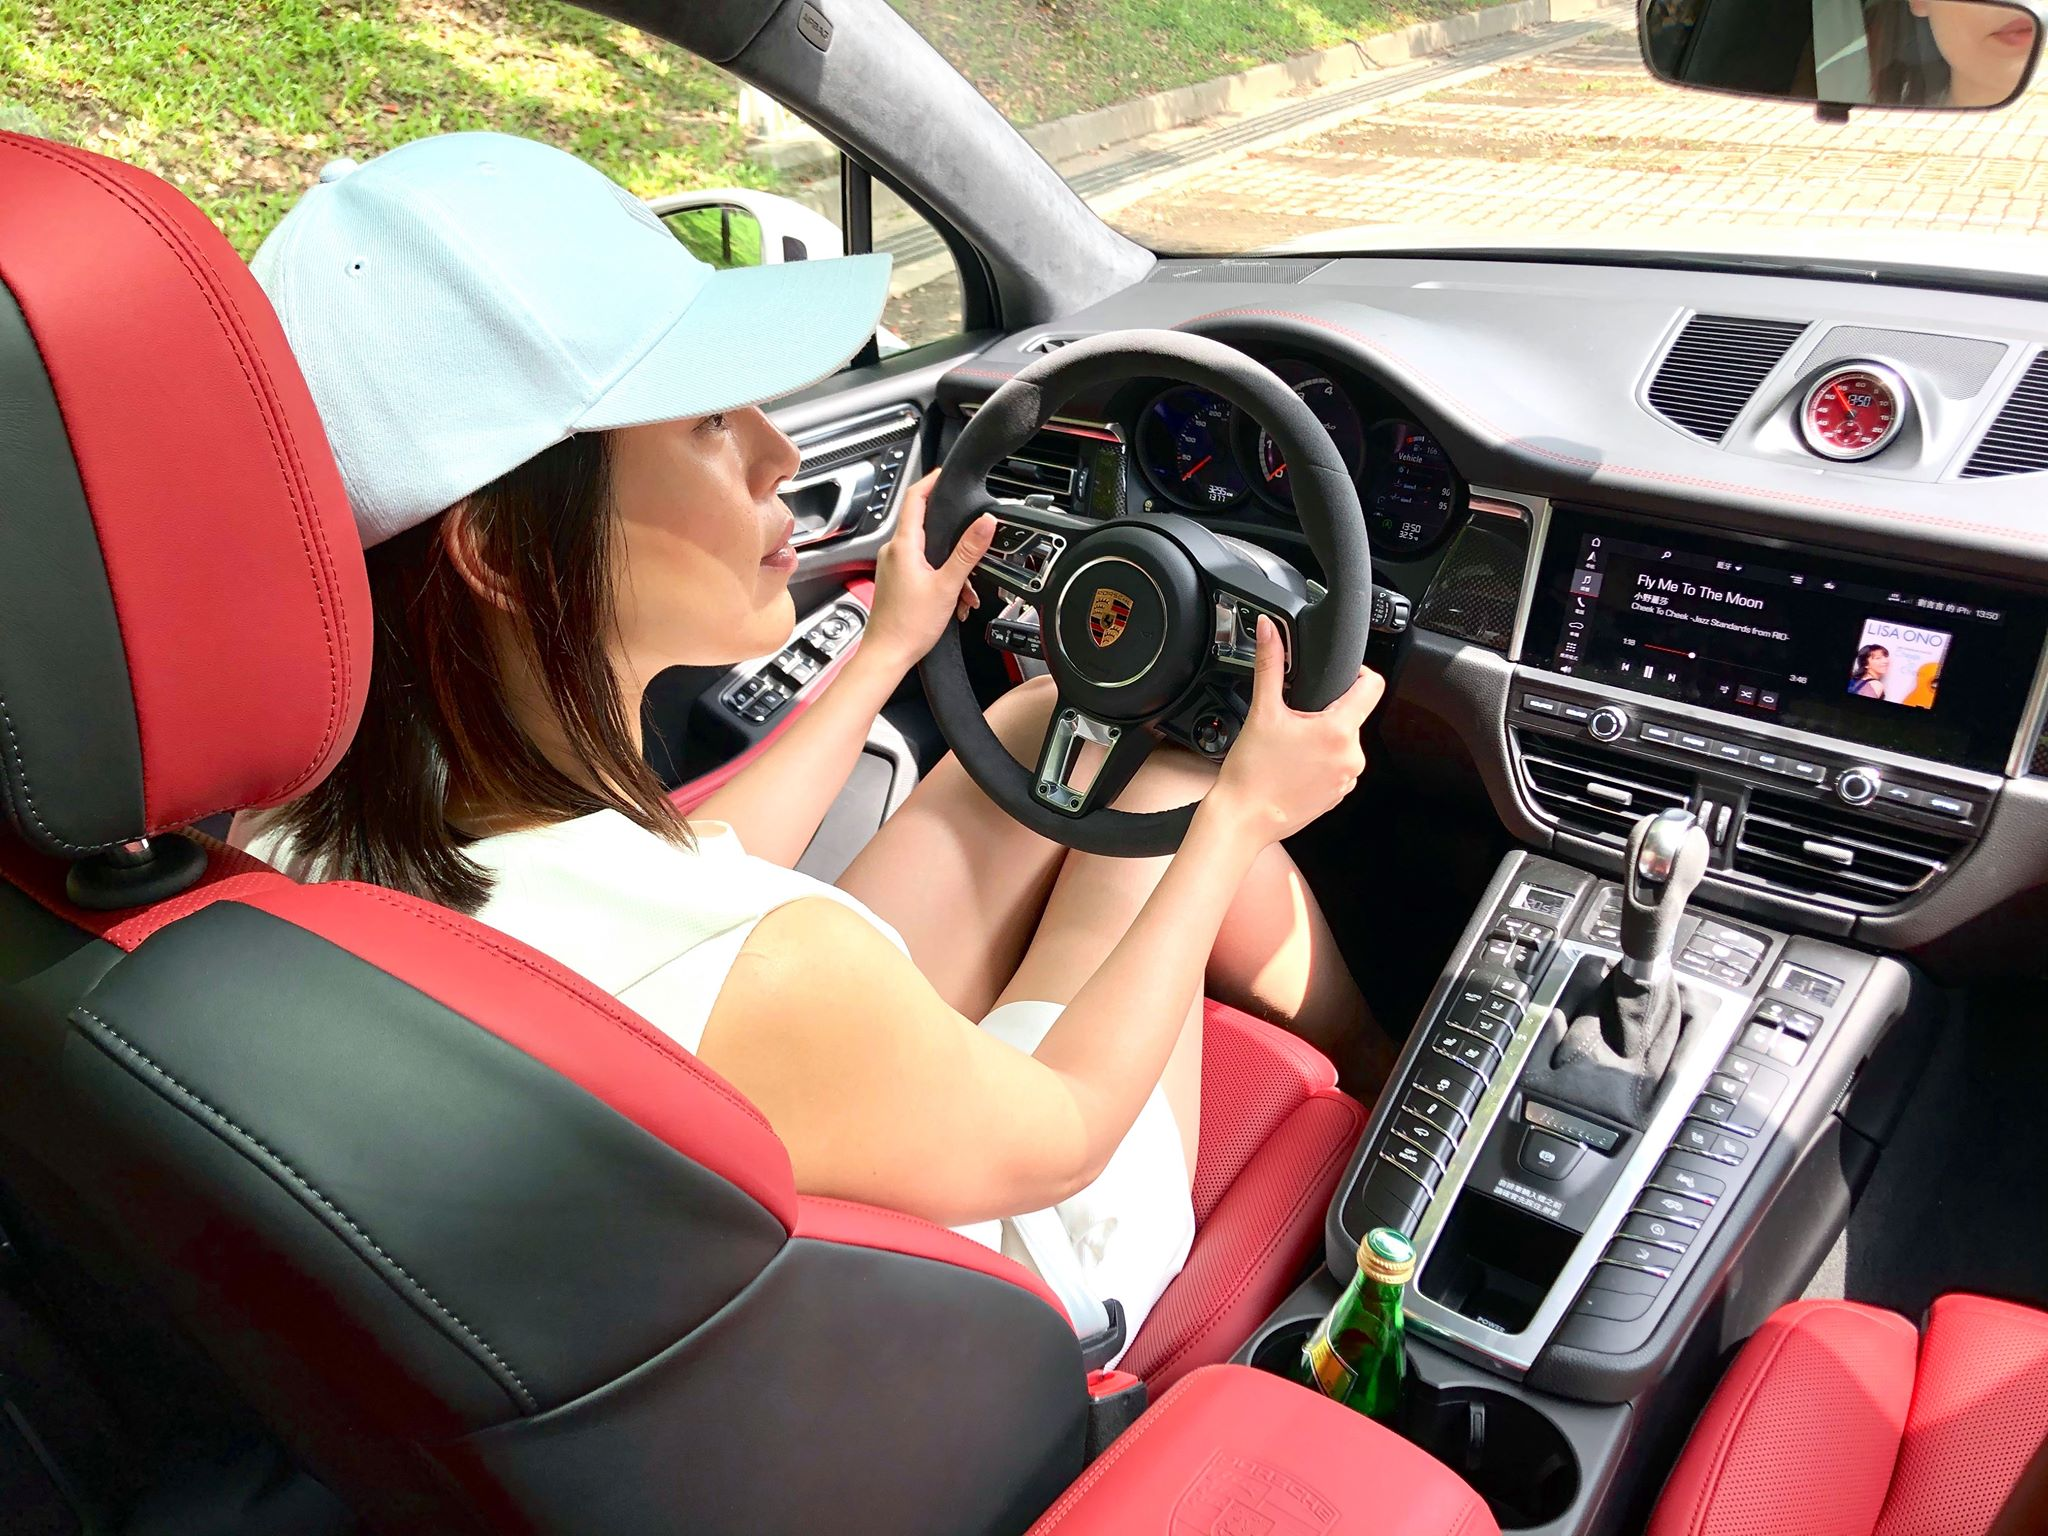 【明星愛聊車】劉品言選擇Porsche Macan turbo因加速性能及大空間 開車曾遇前方人孔蓋炸飛超驚險!